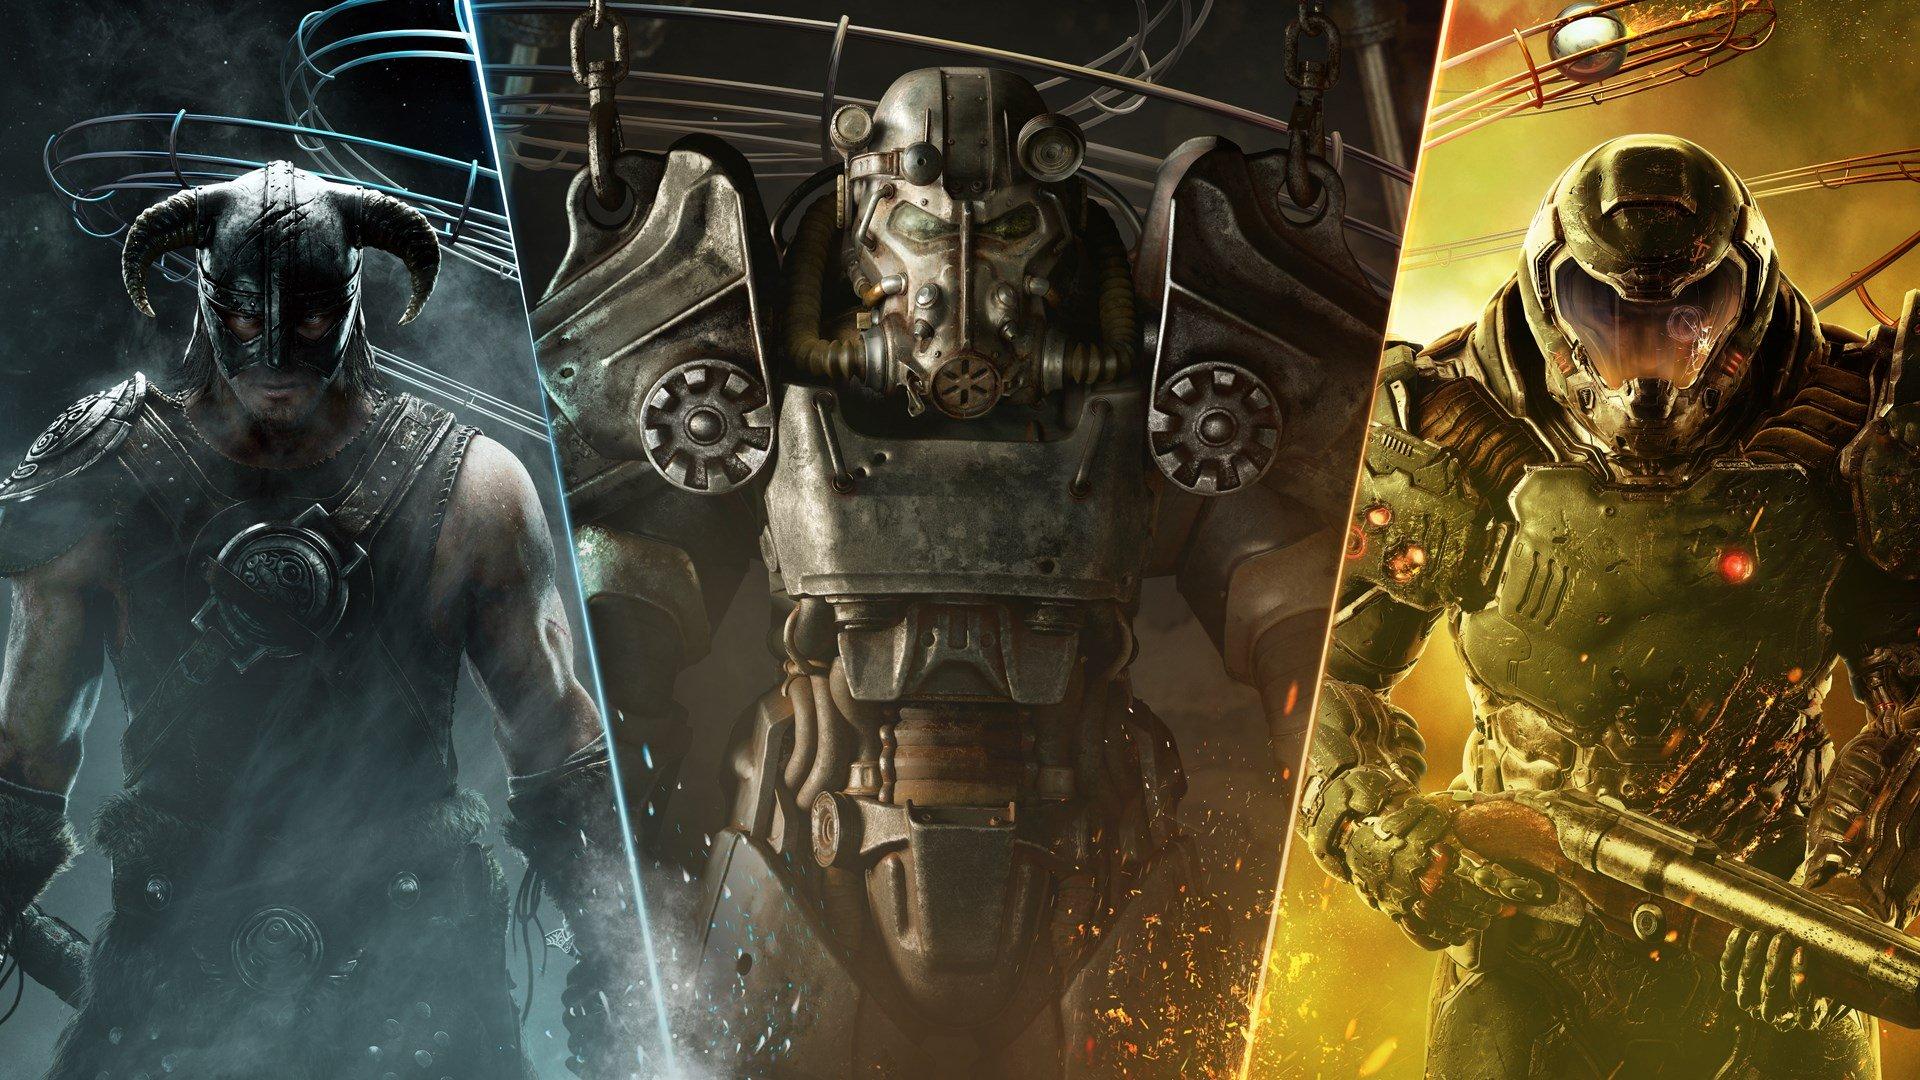 Microsoft rachète Bethesda et récupère Doom, Fallout, Skyrim, et d'autres jeux populaires